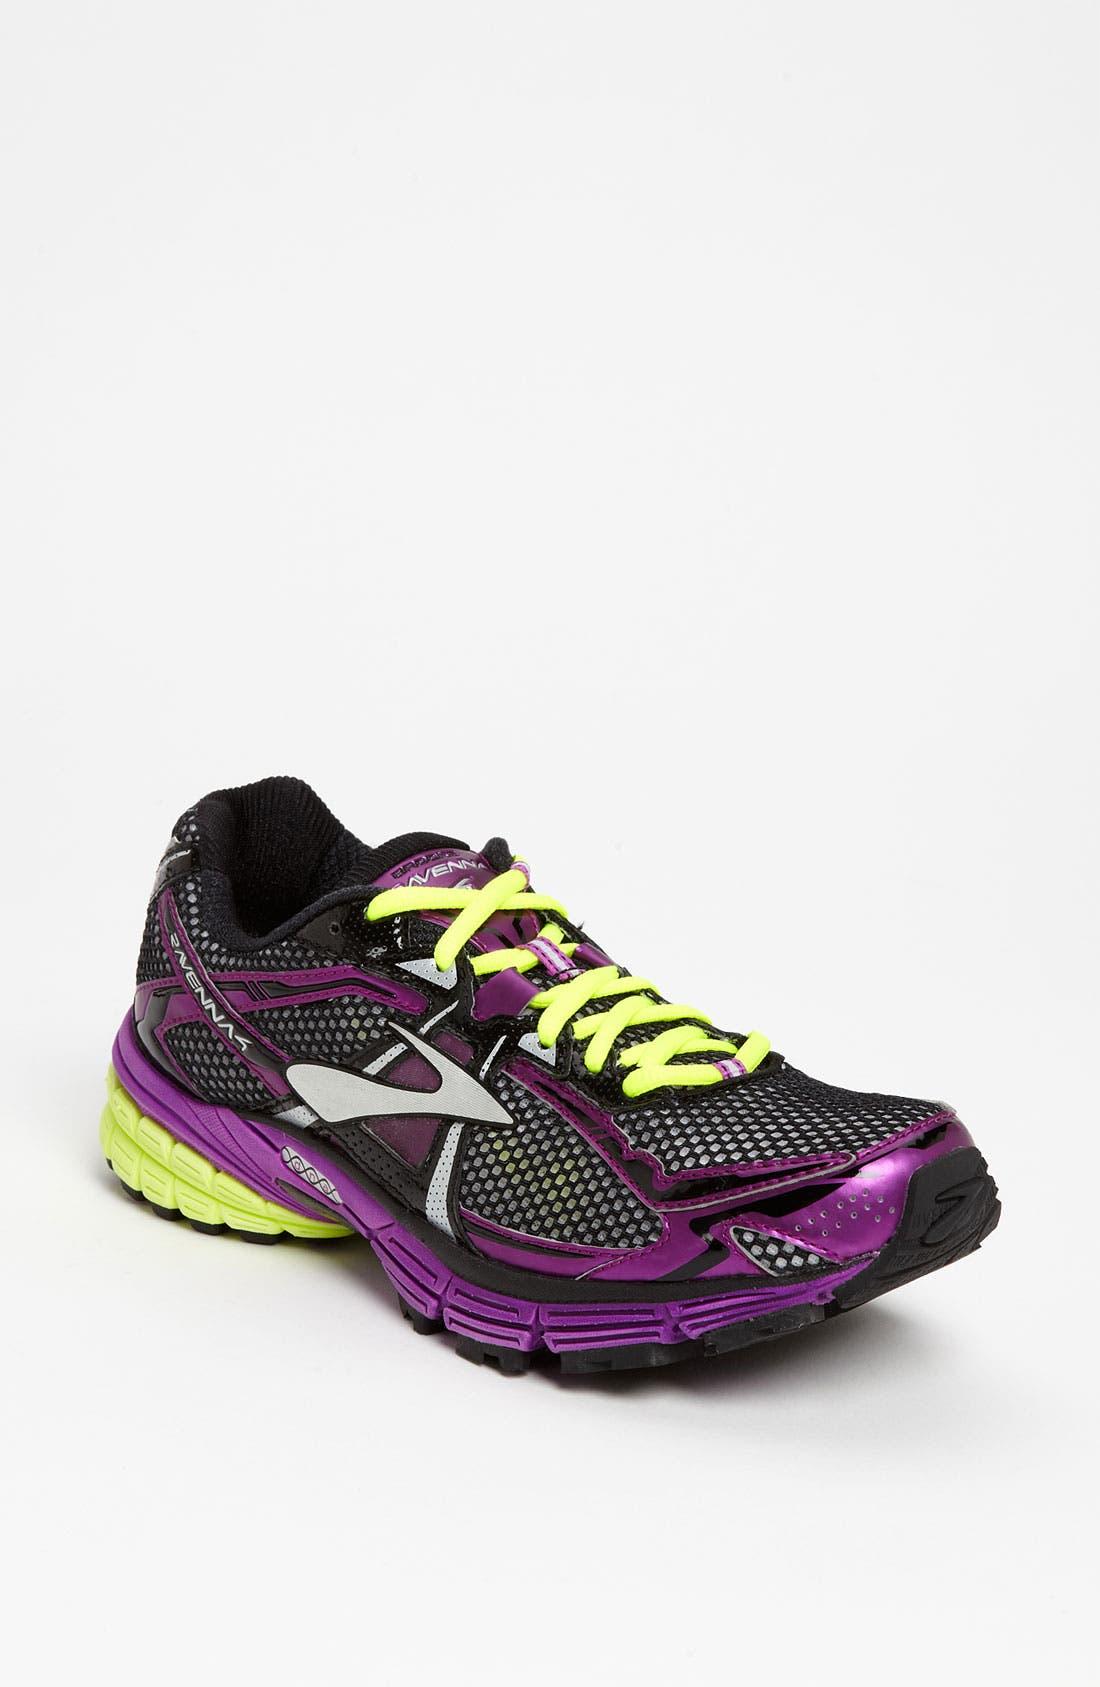 Alternate Image 1 Selected - Brooks 'Ravenna 4' Running Shoe (Women)(Regular Retail Price: $109.95)